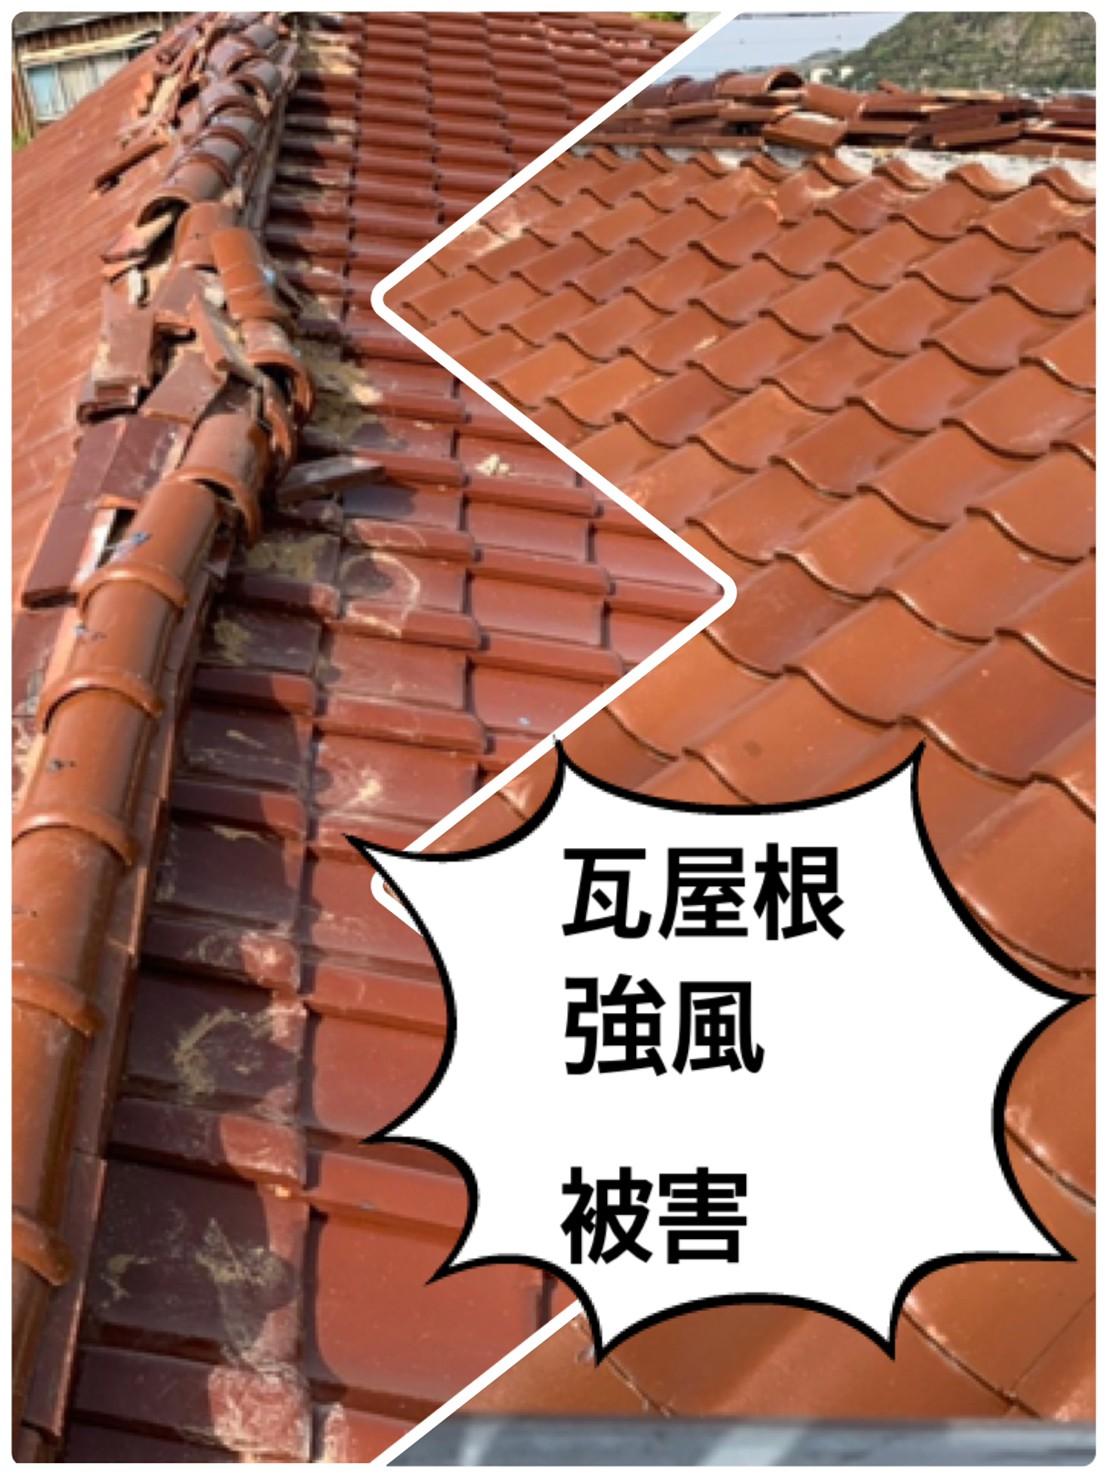 屋根・強風による瓦屋根の被害🌬